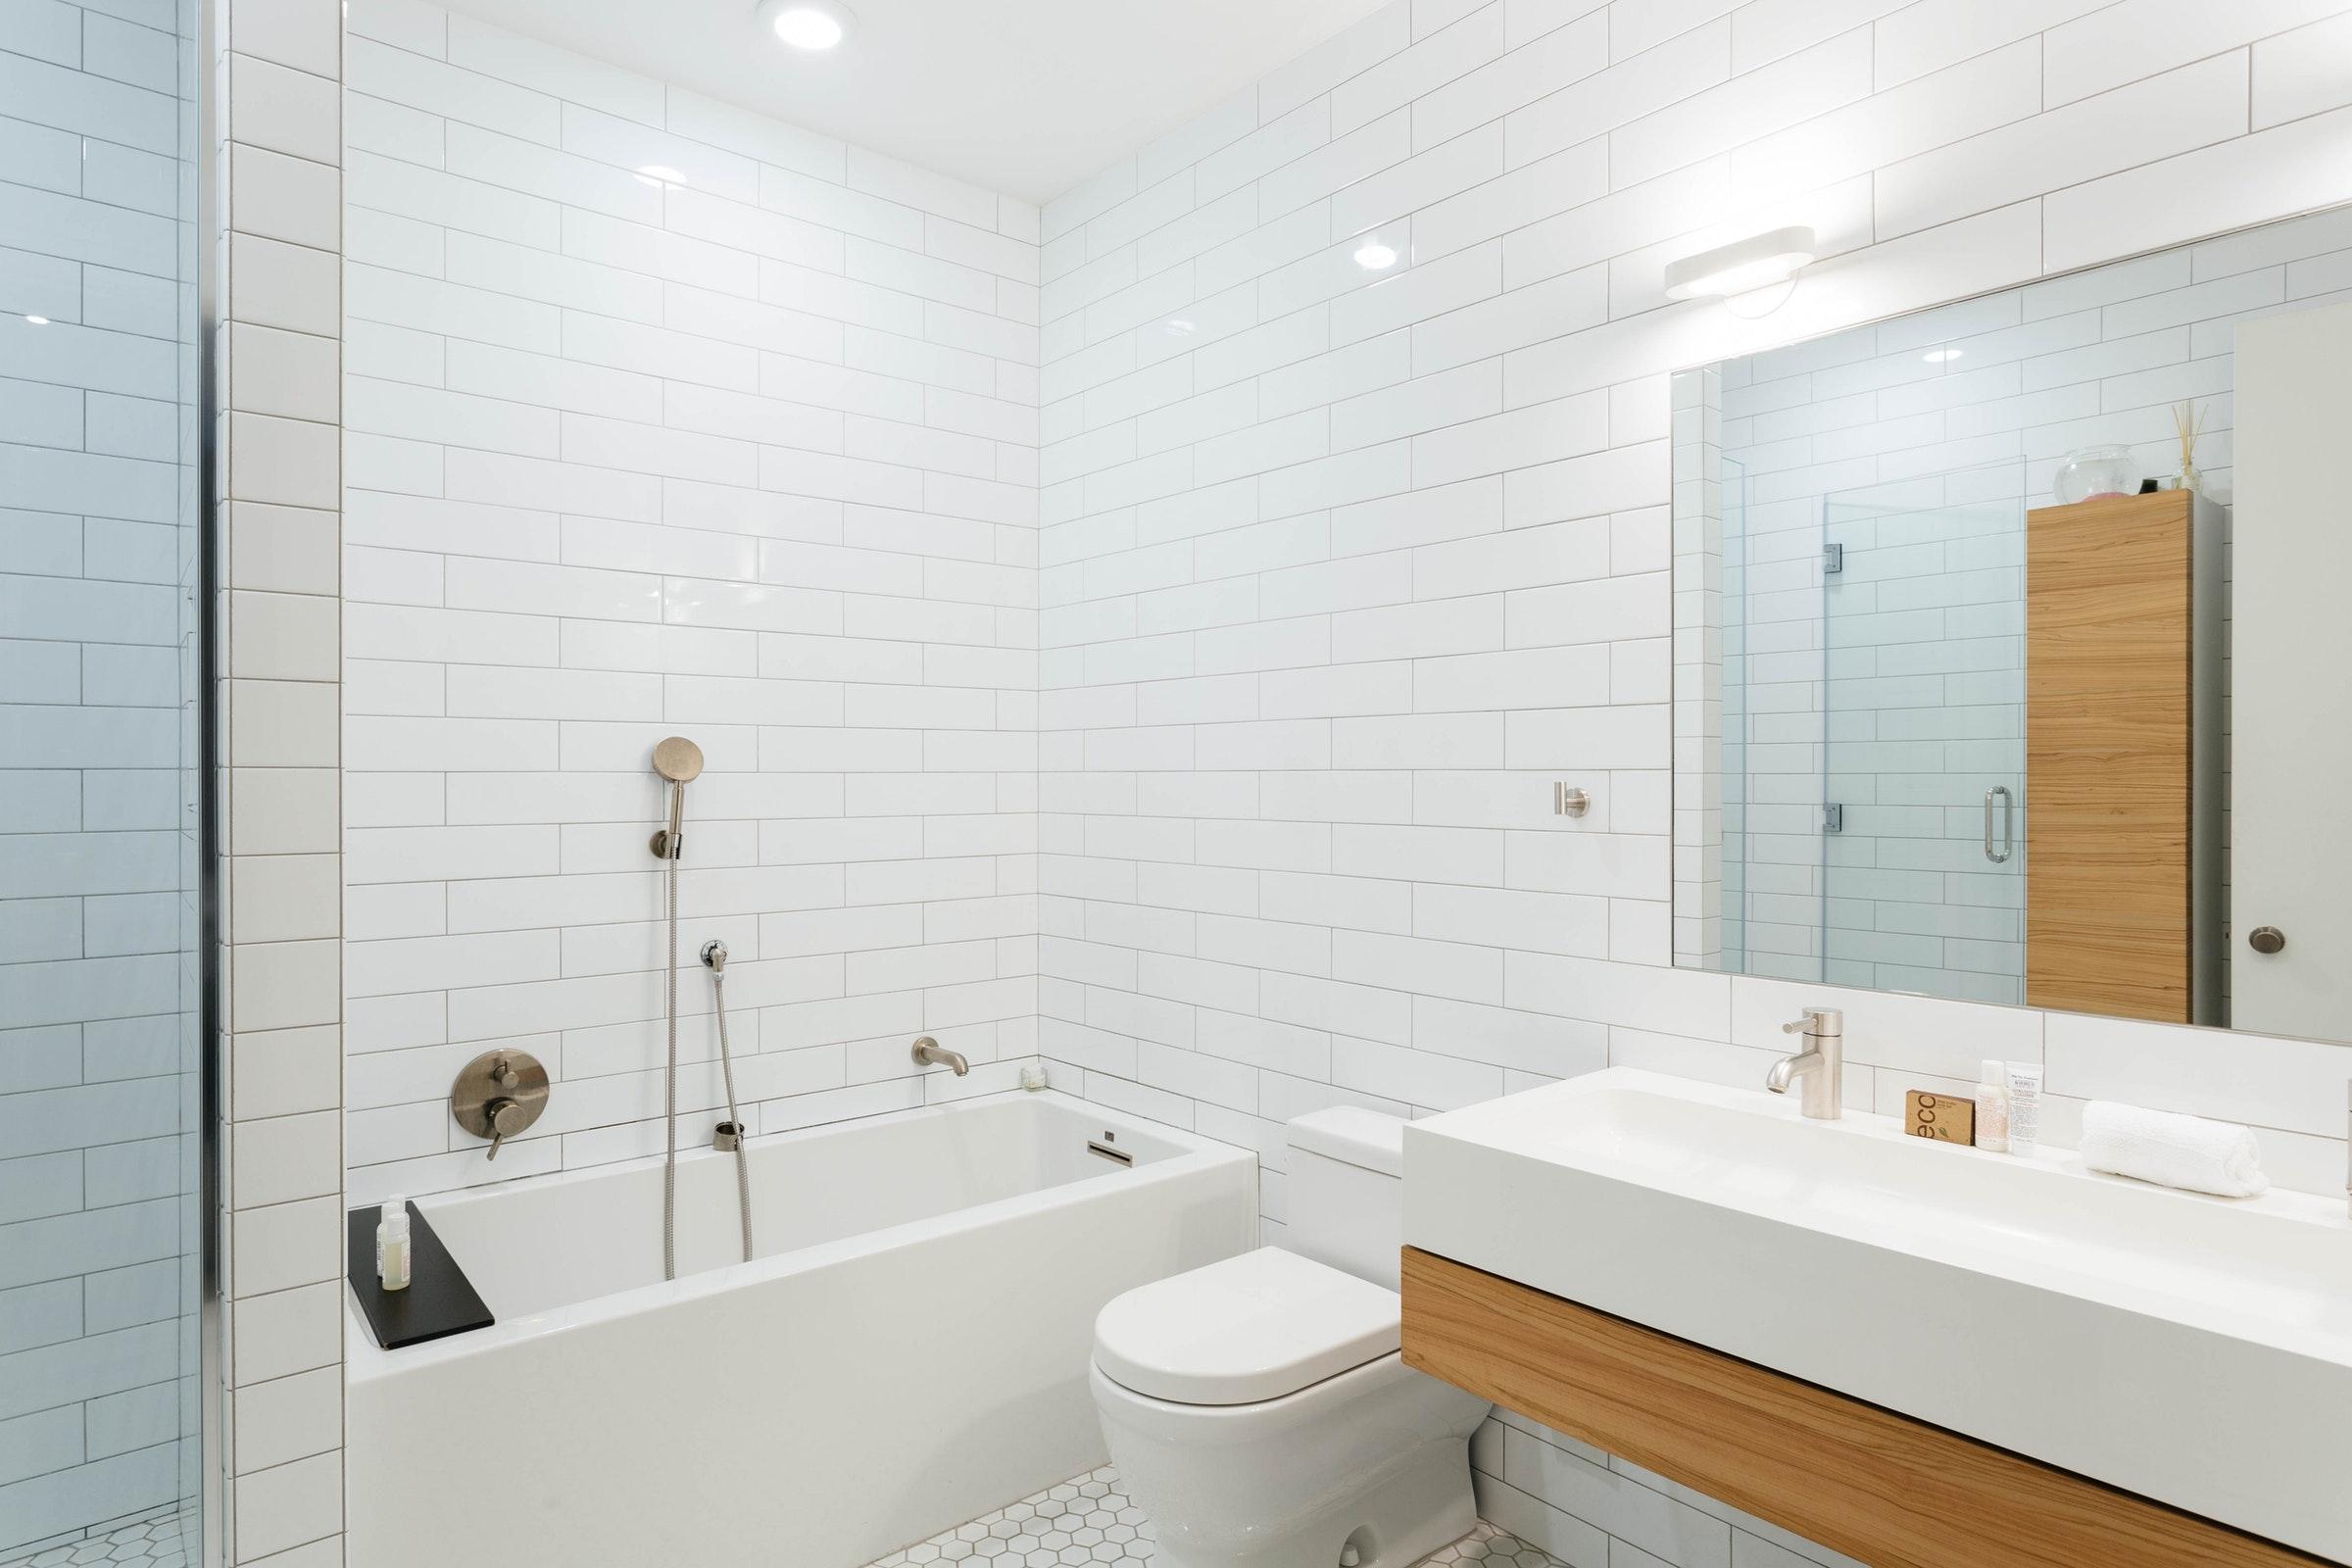 ванная комната белая плитка кабанчик раковина зеркало душ